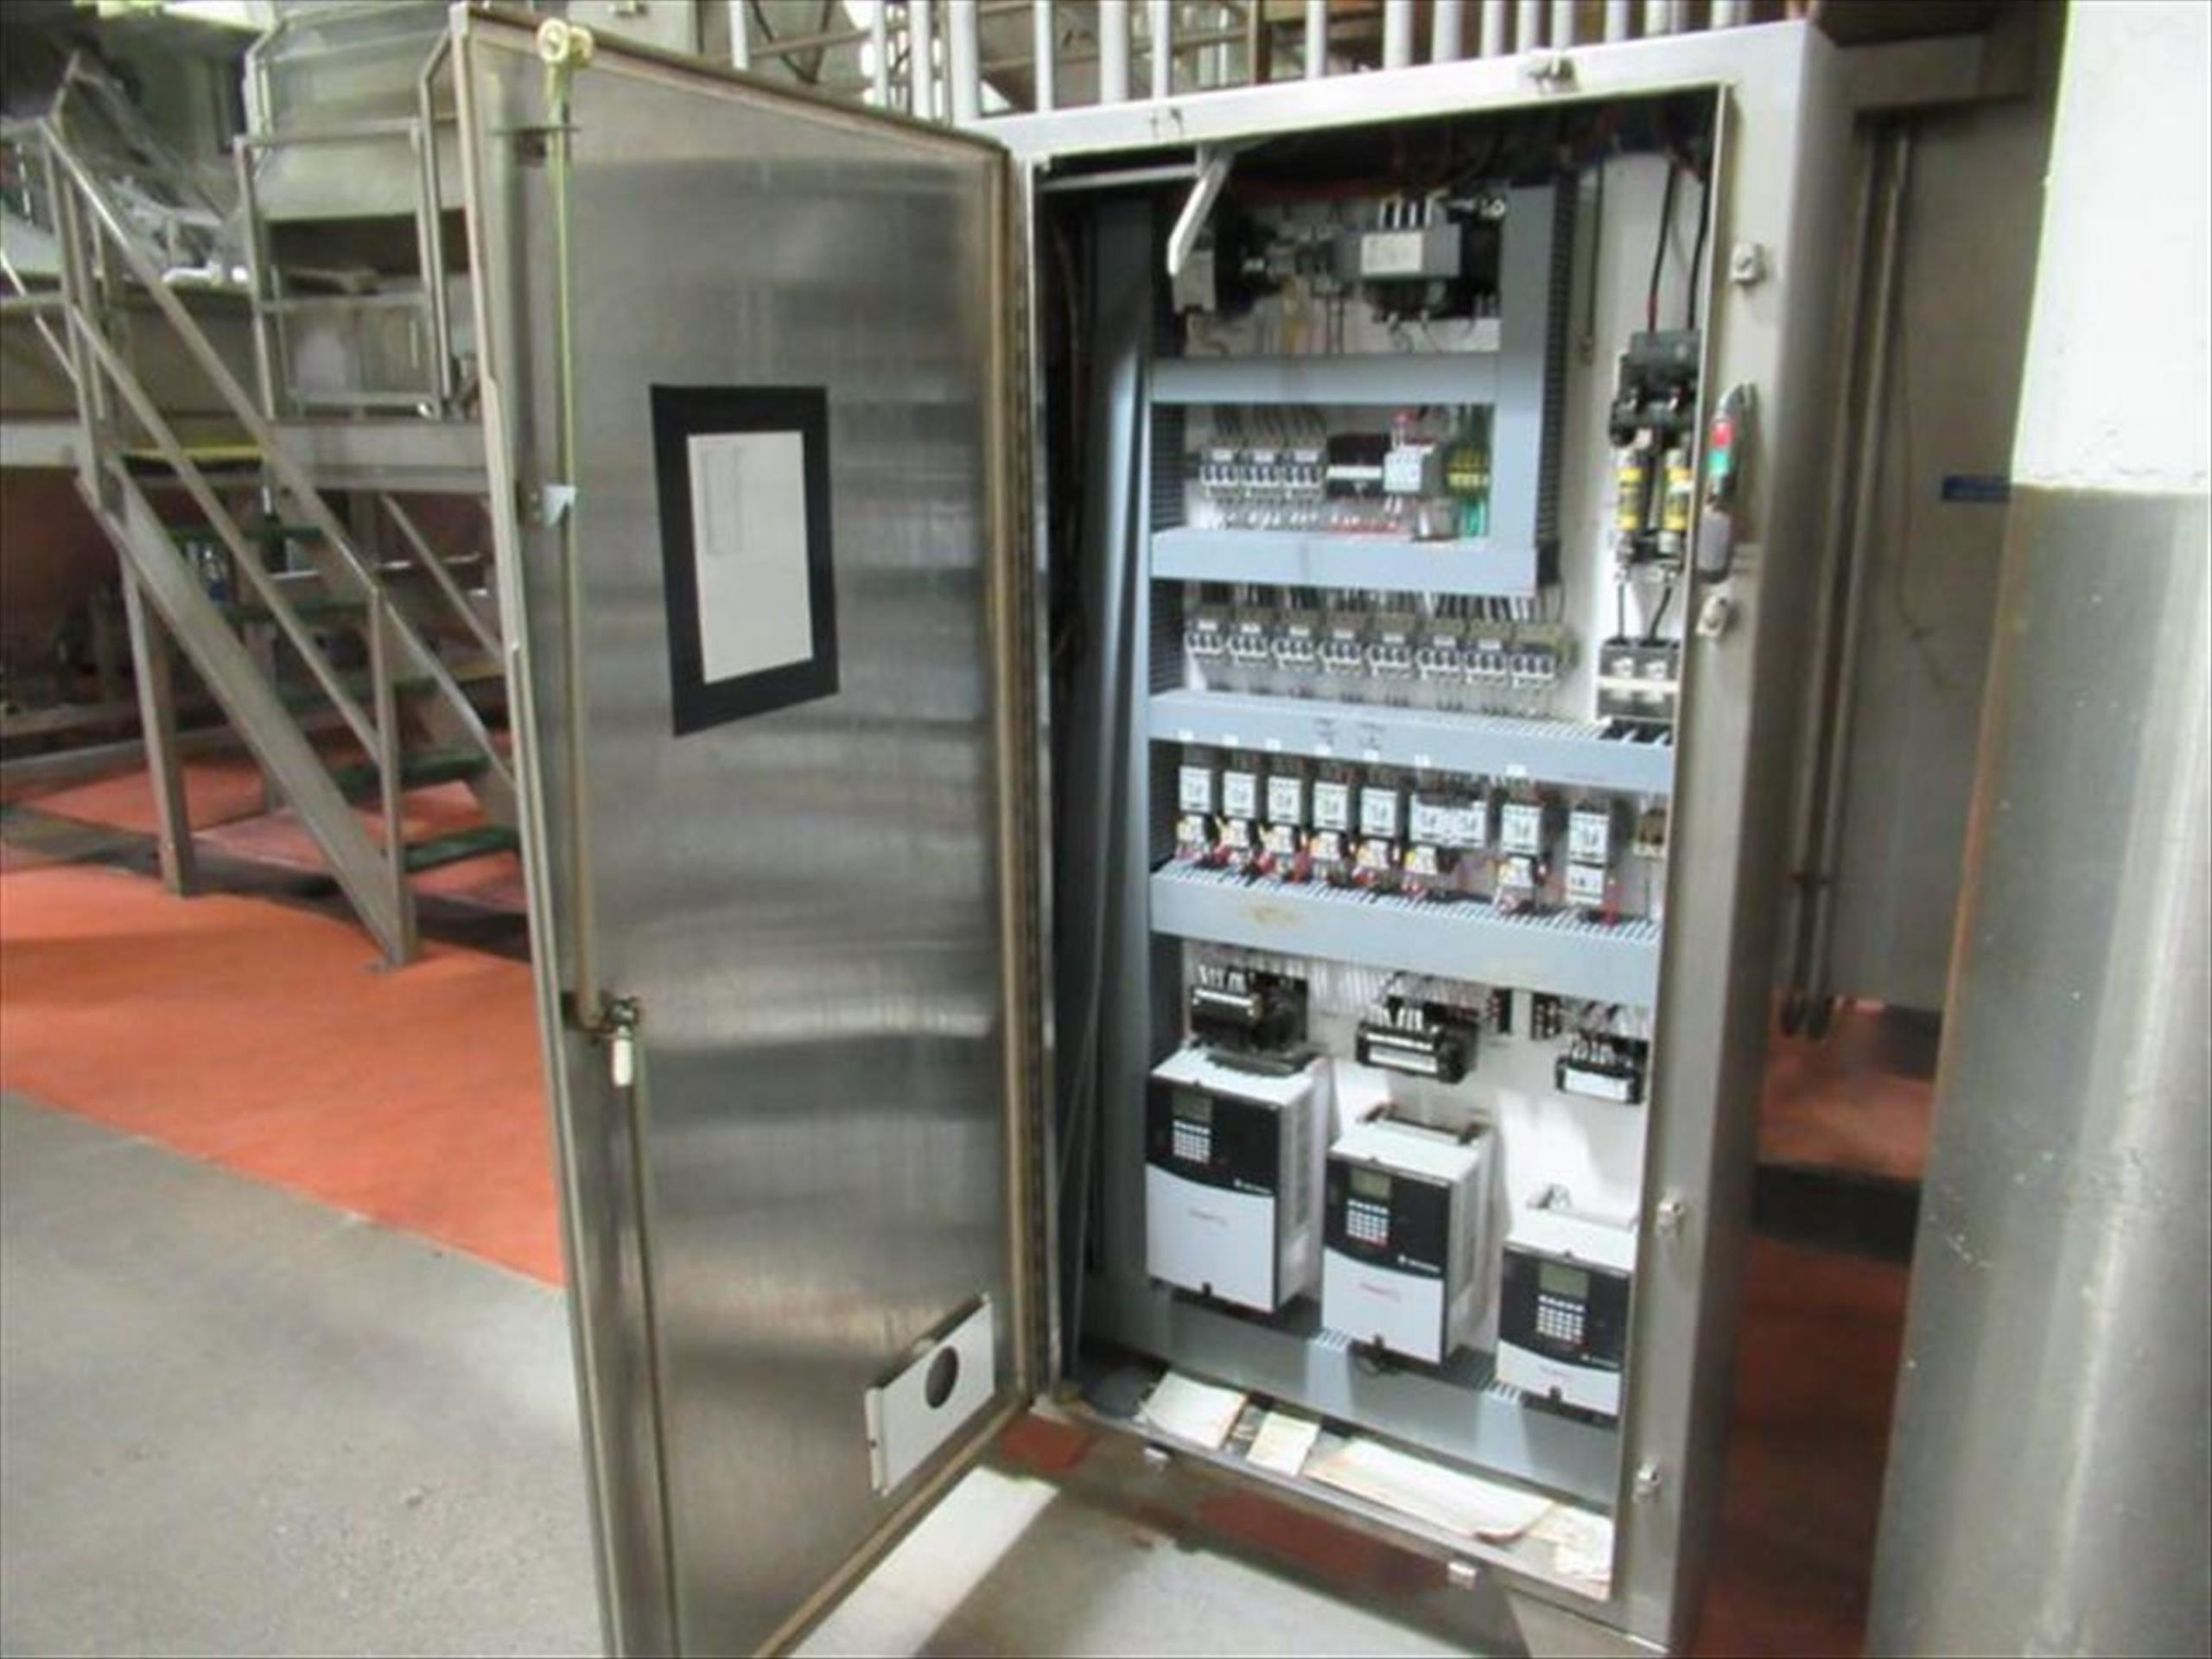 GMF Gouda steam peeler mod. no. Sepa-Strator SRS 500E ser. no. SRS 500-090 complete with rotary - Image 6 of 6